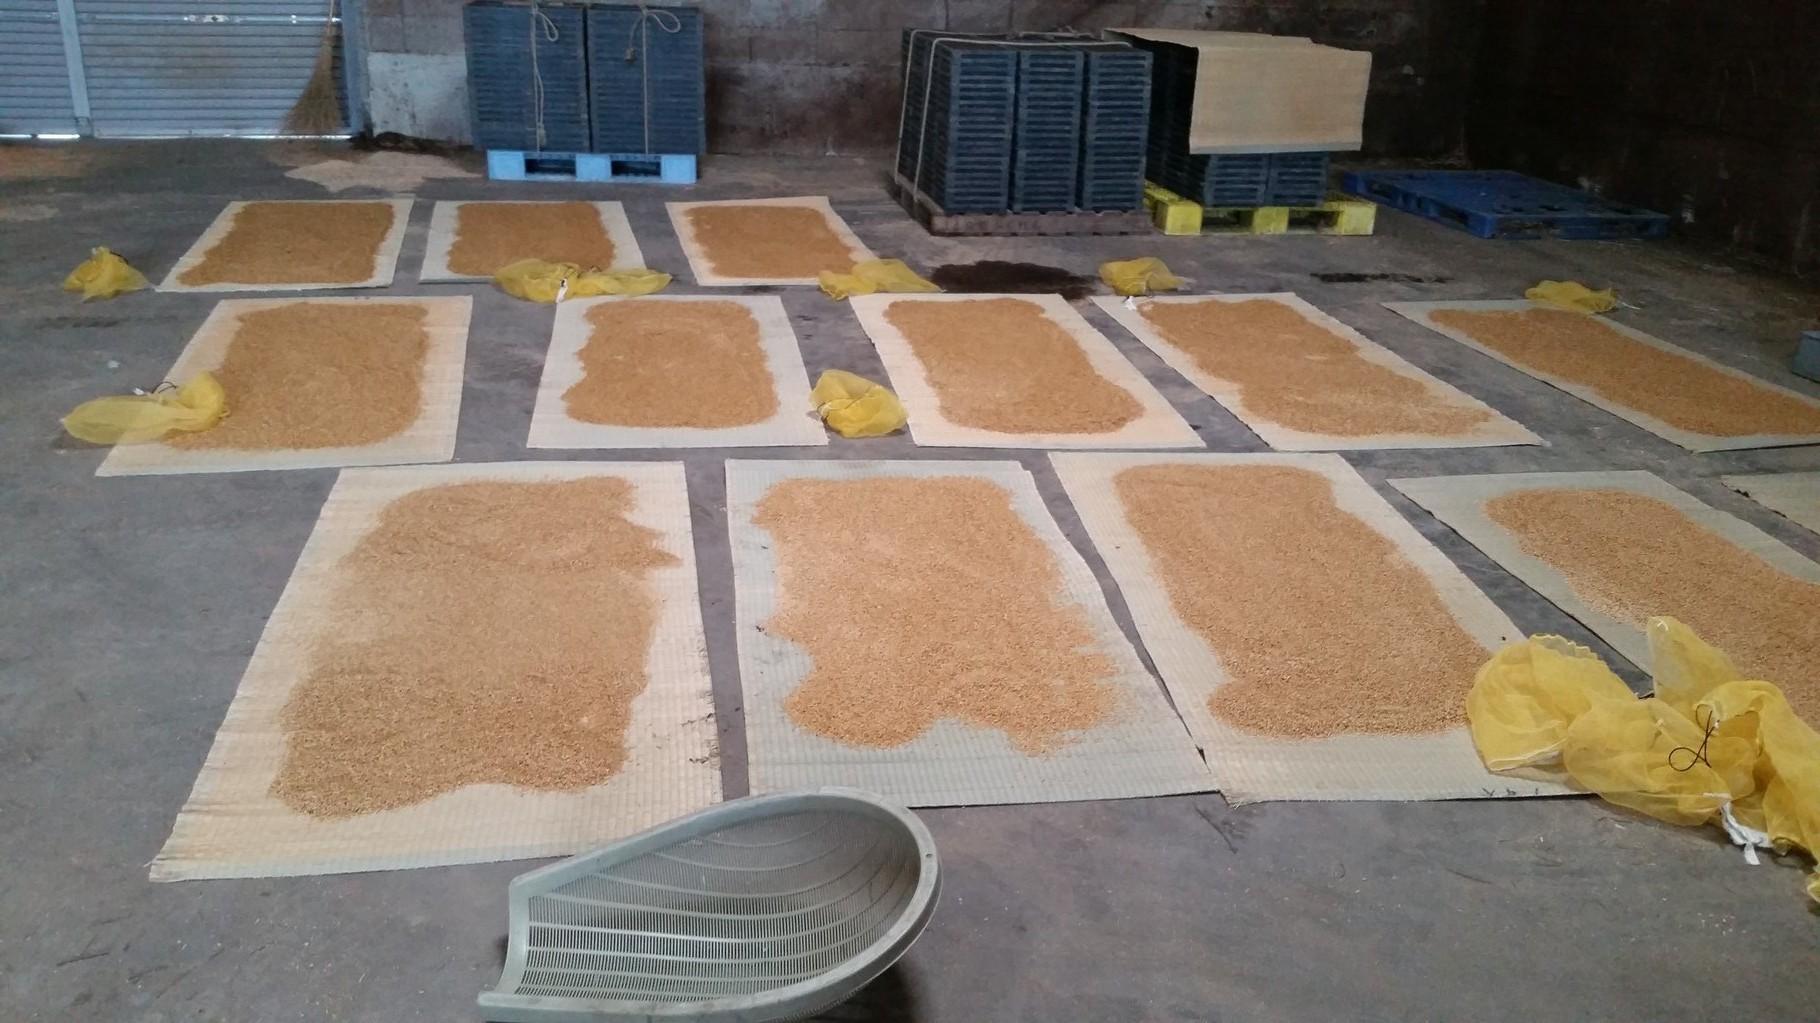 適切な水分量になるまでゴザに広げて乾燥させます。